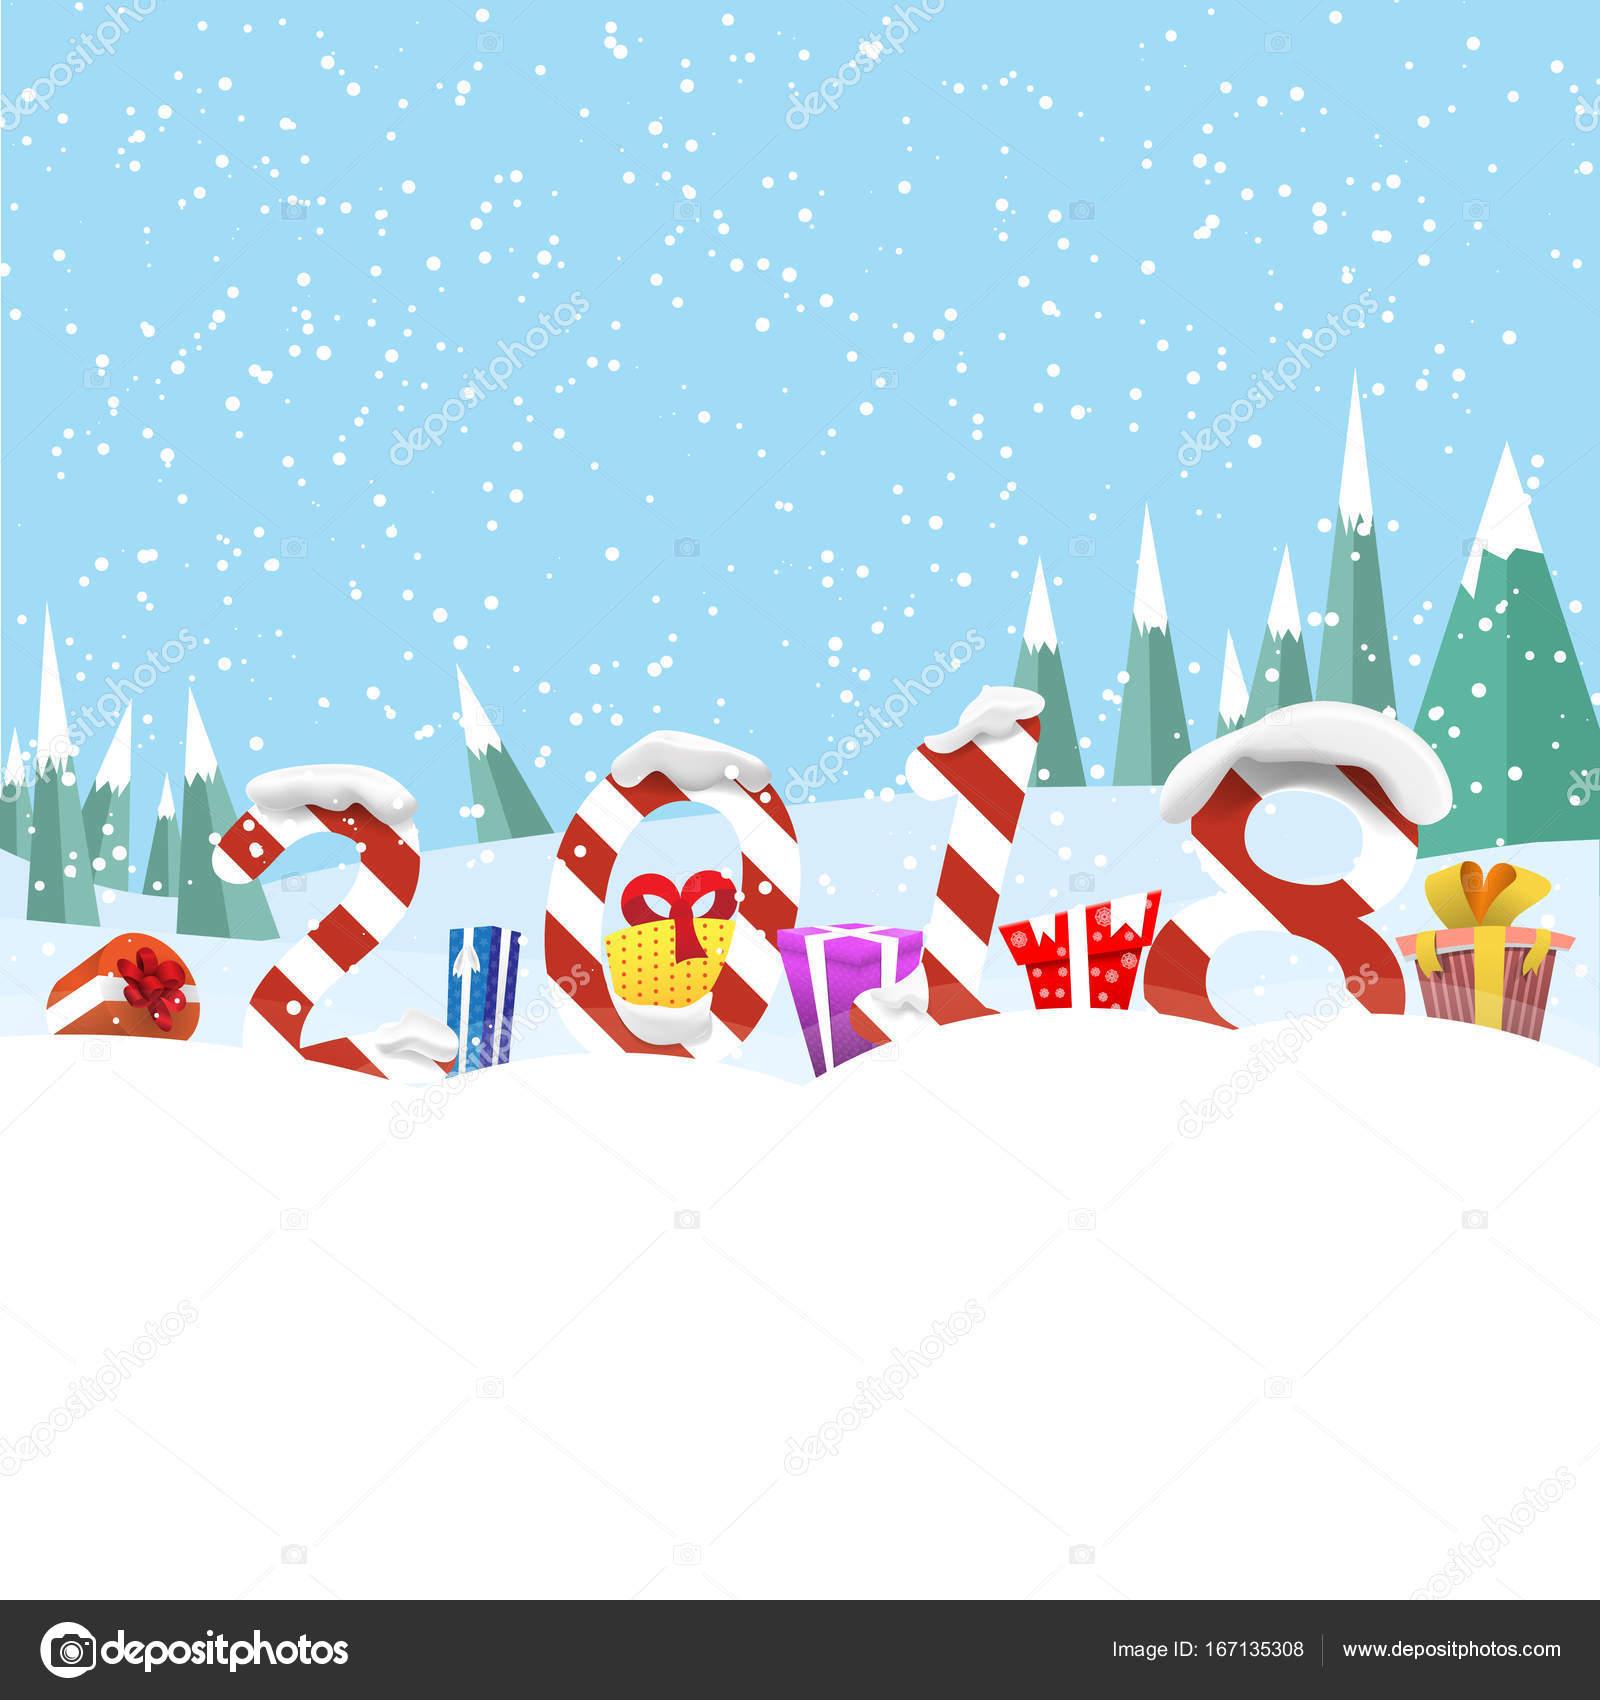 Weihnachten Grüße Bilder.Weihnachten Gruß Board Vektor Illustration Geschenke Und Ziffern